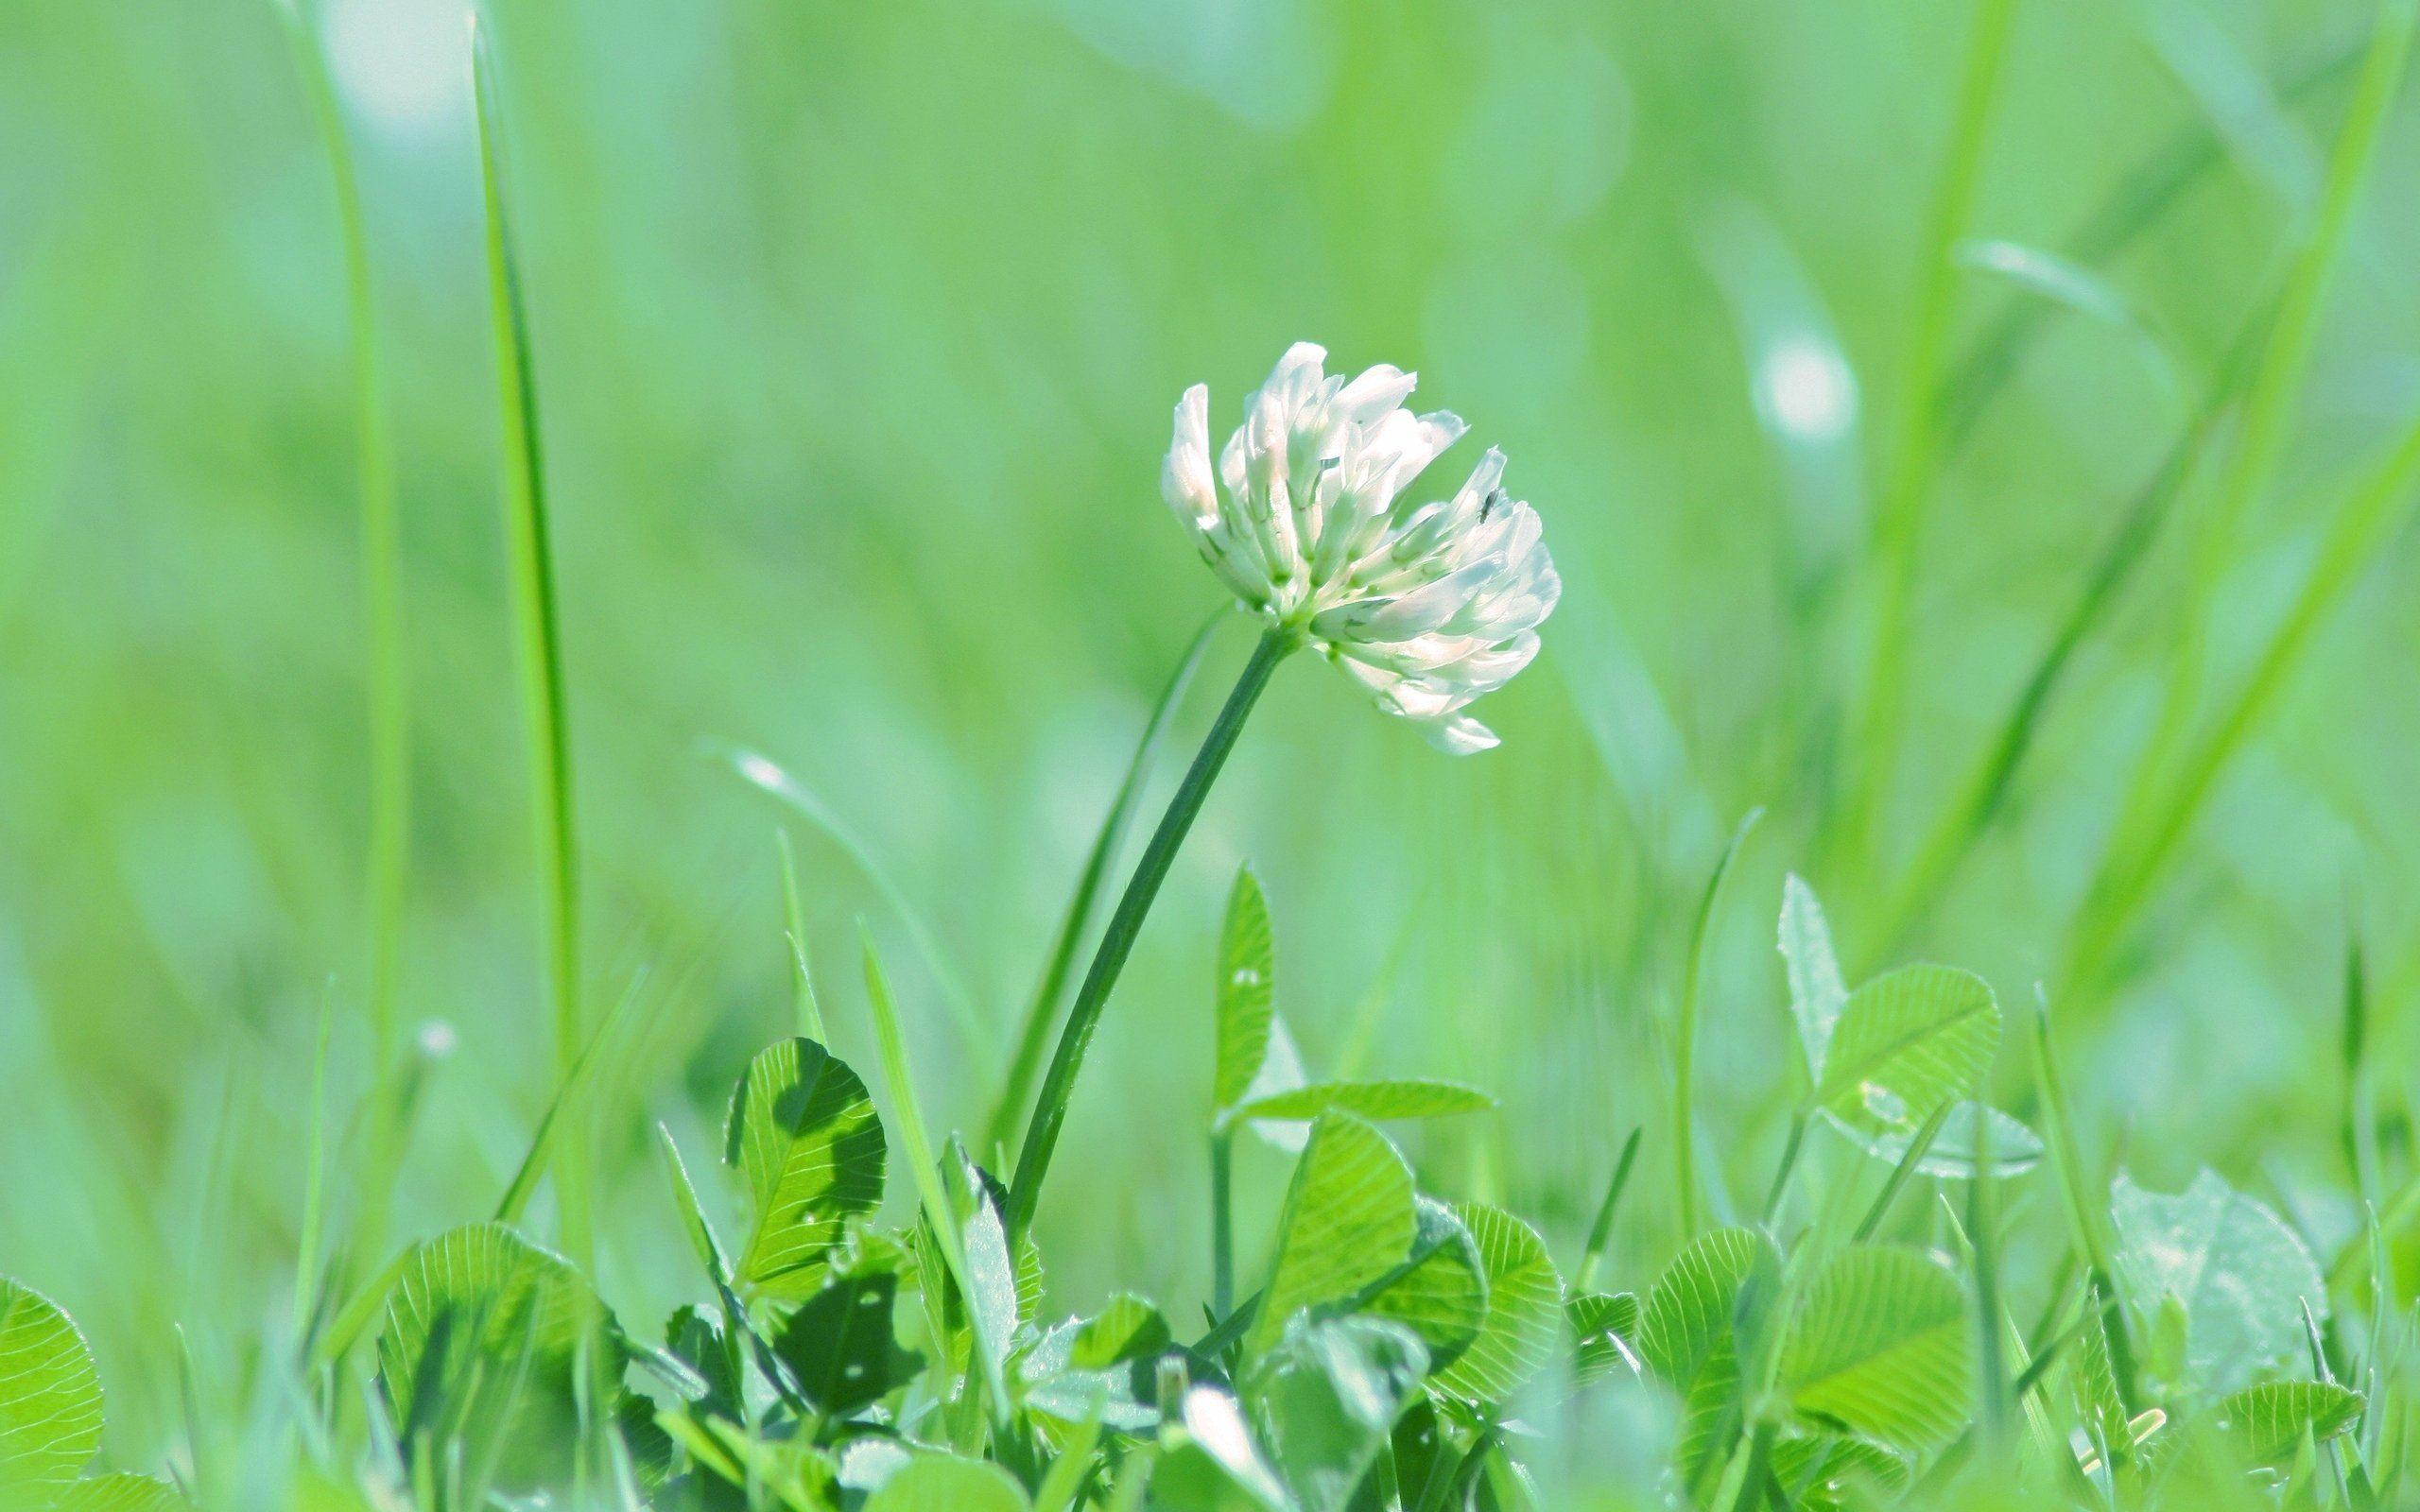 Цветы клевер  № 1341216 без смс